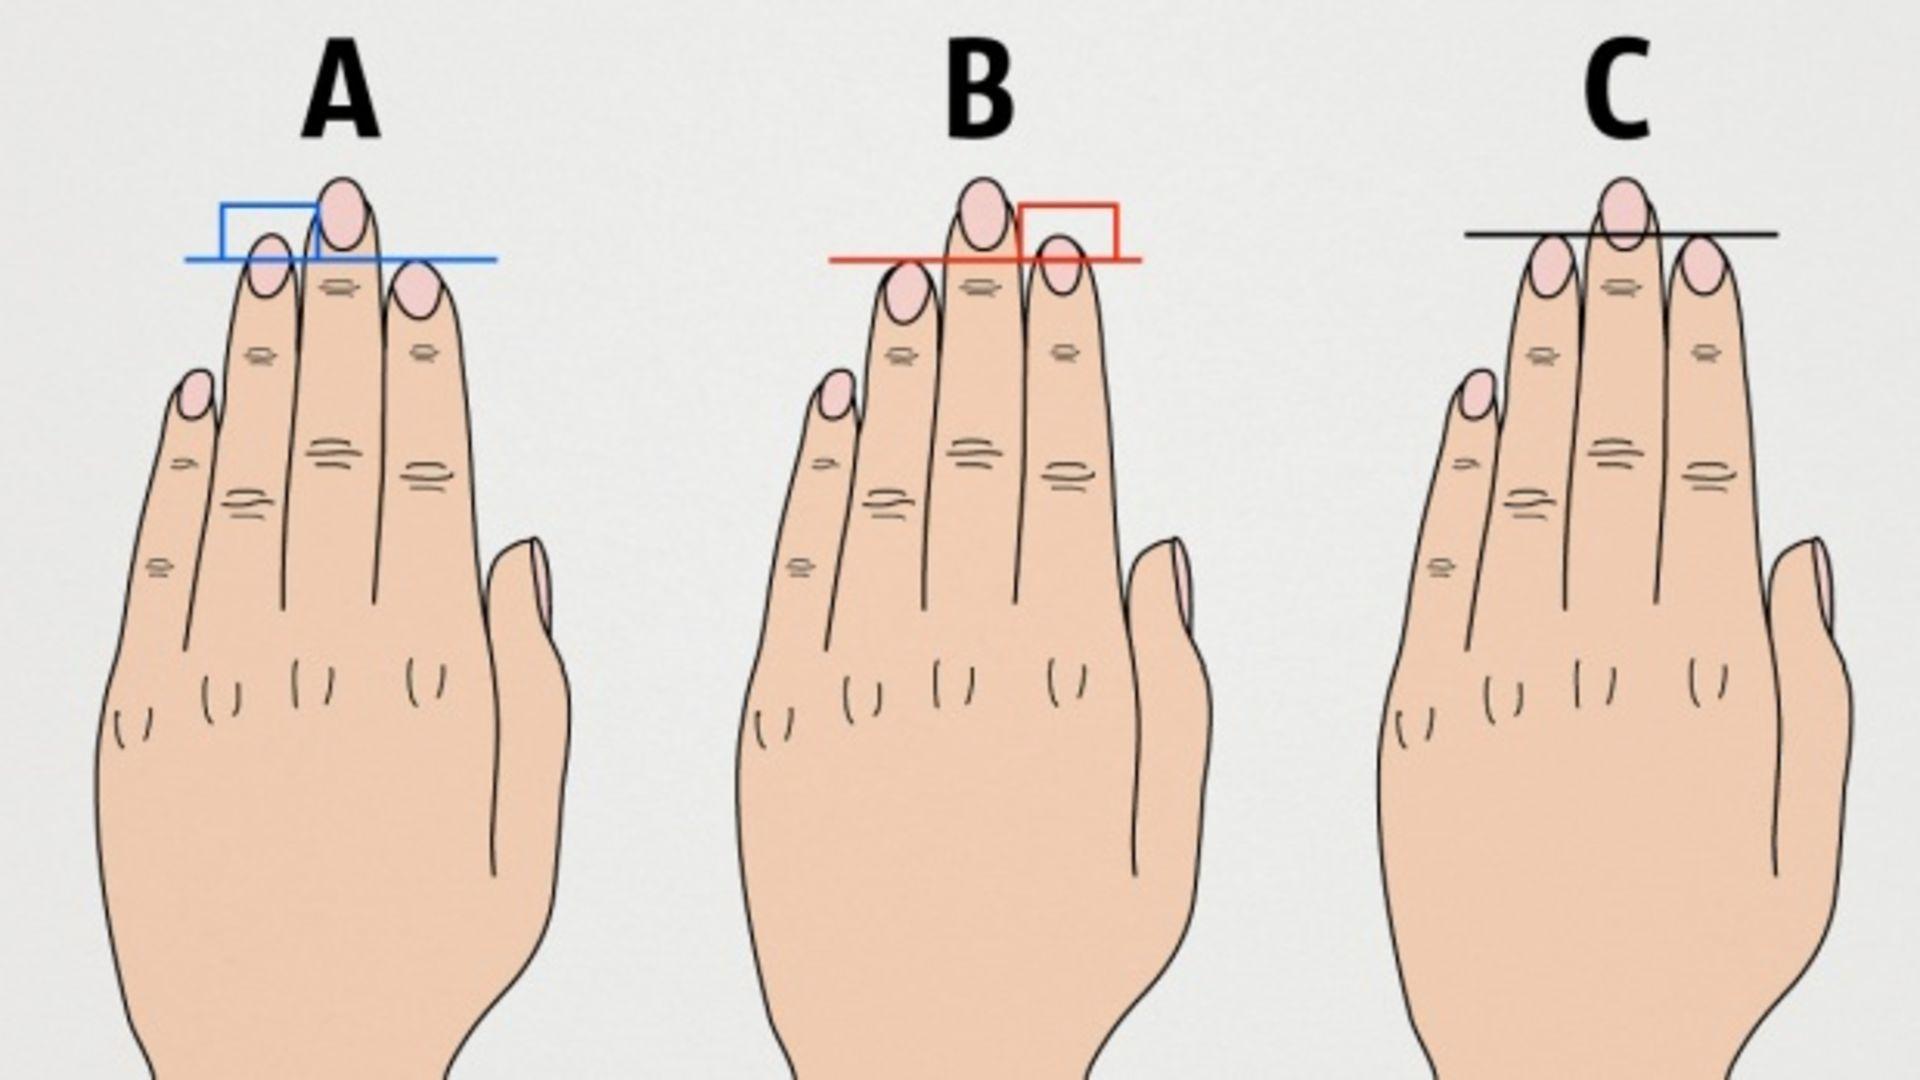 parmak uzunluguna gore kisilik analizi